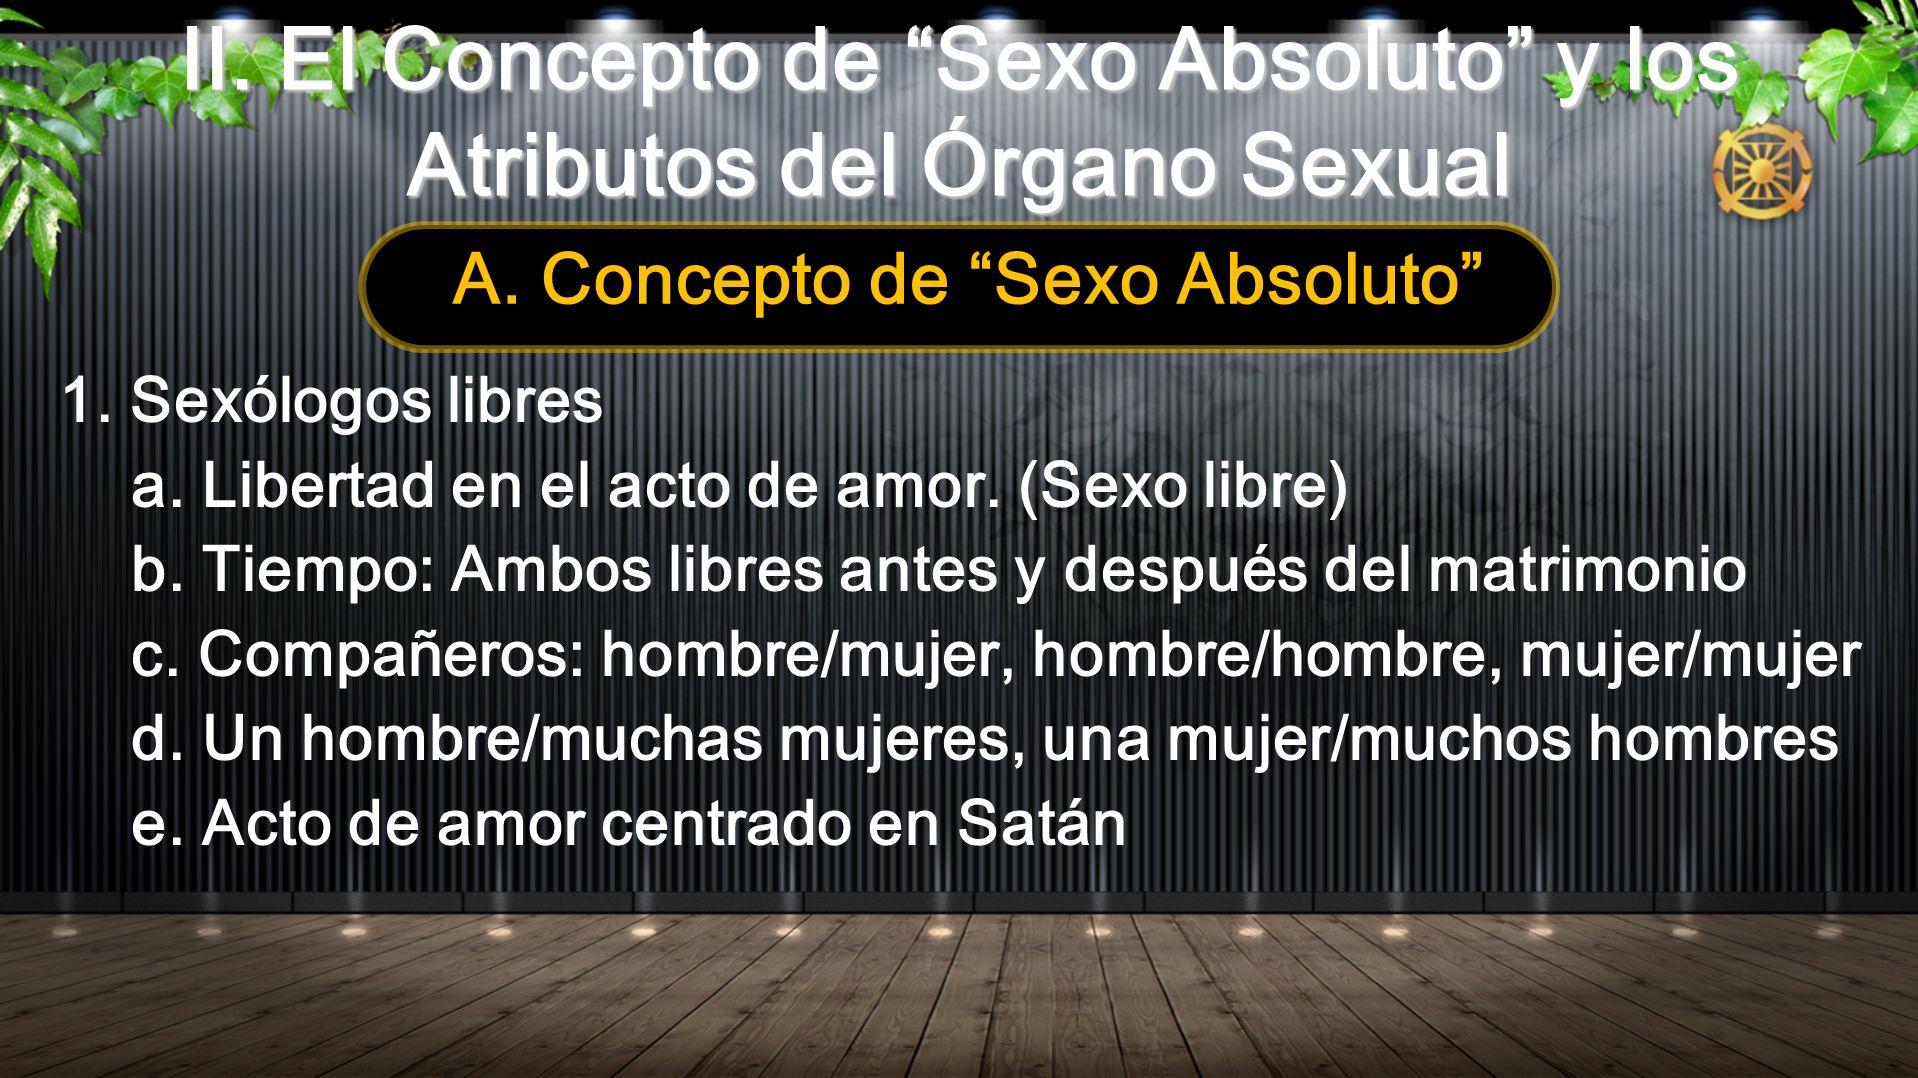 II. El Concepto de Sexo Absoluto y los Atributos del Órgano Sexual